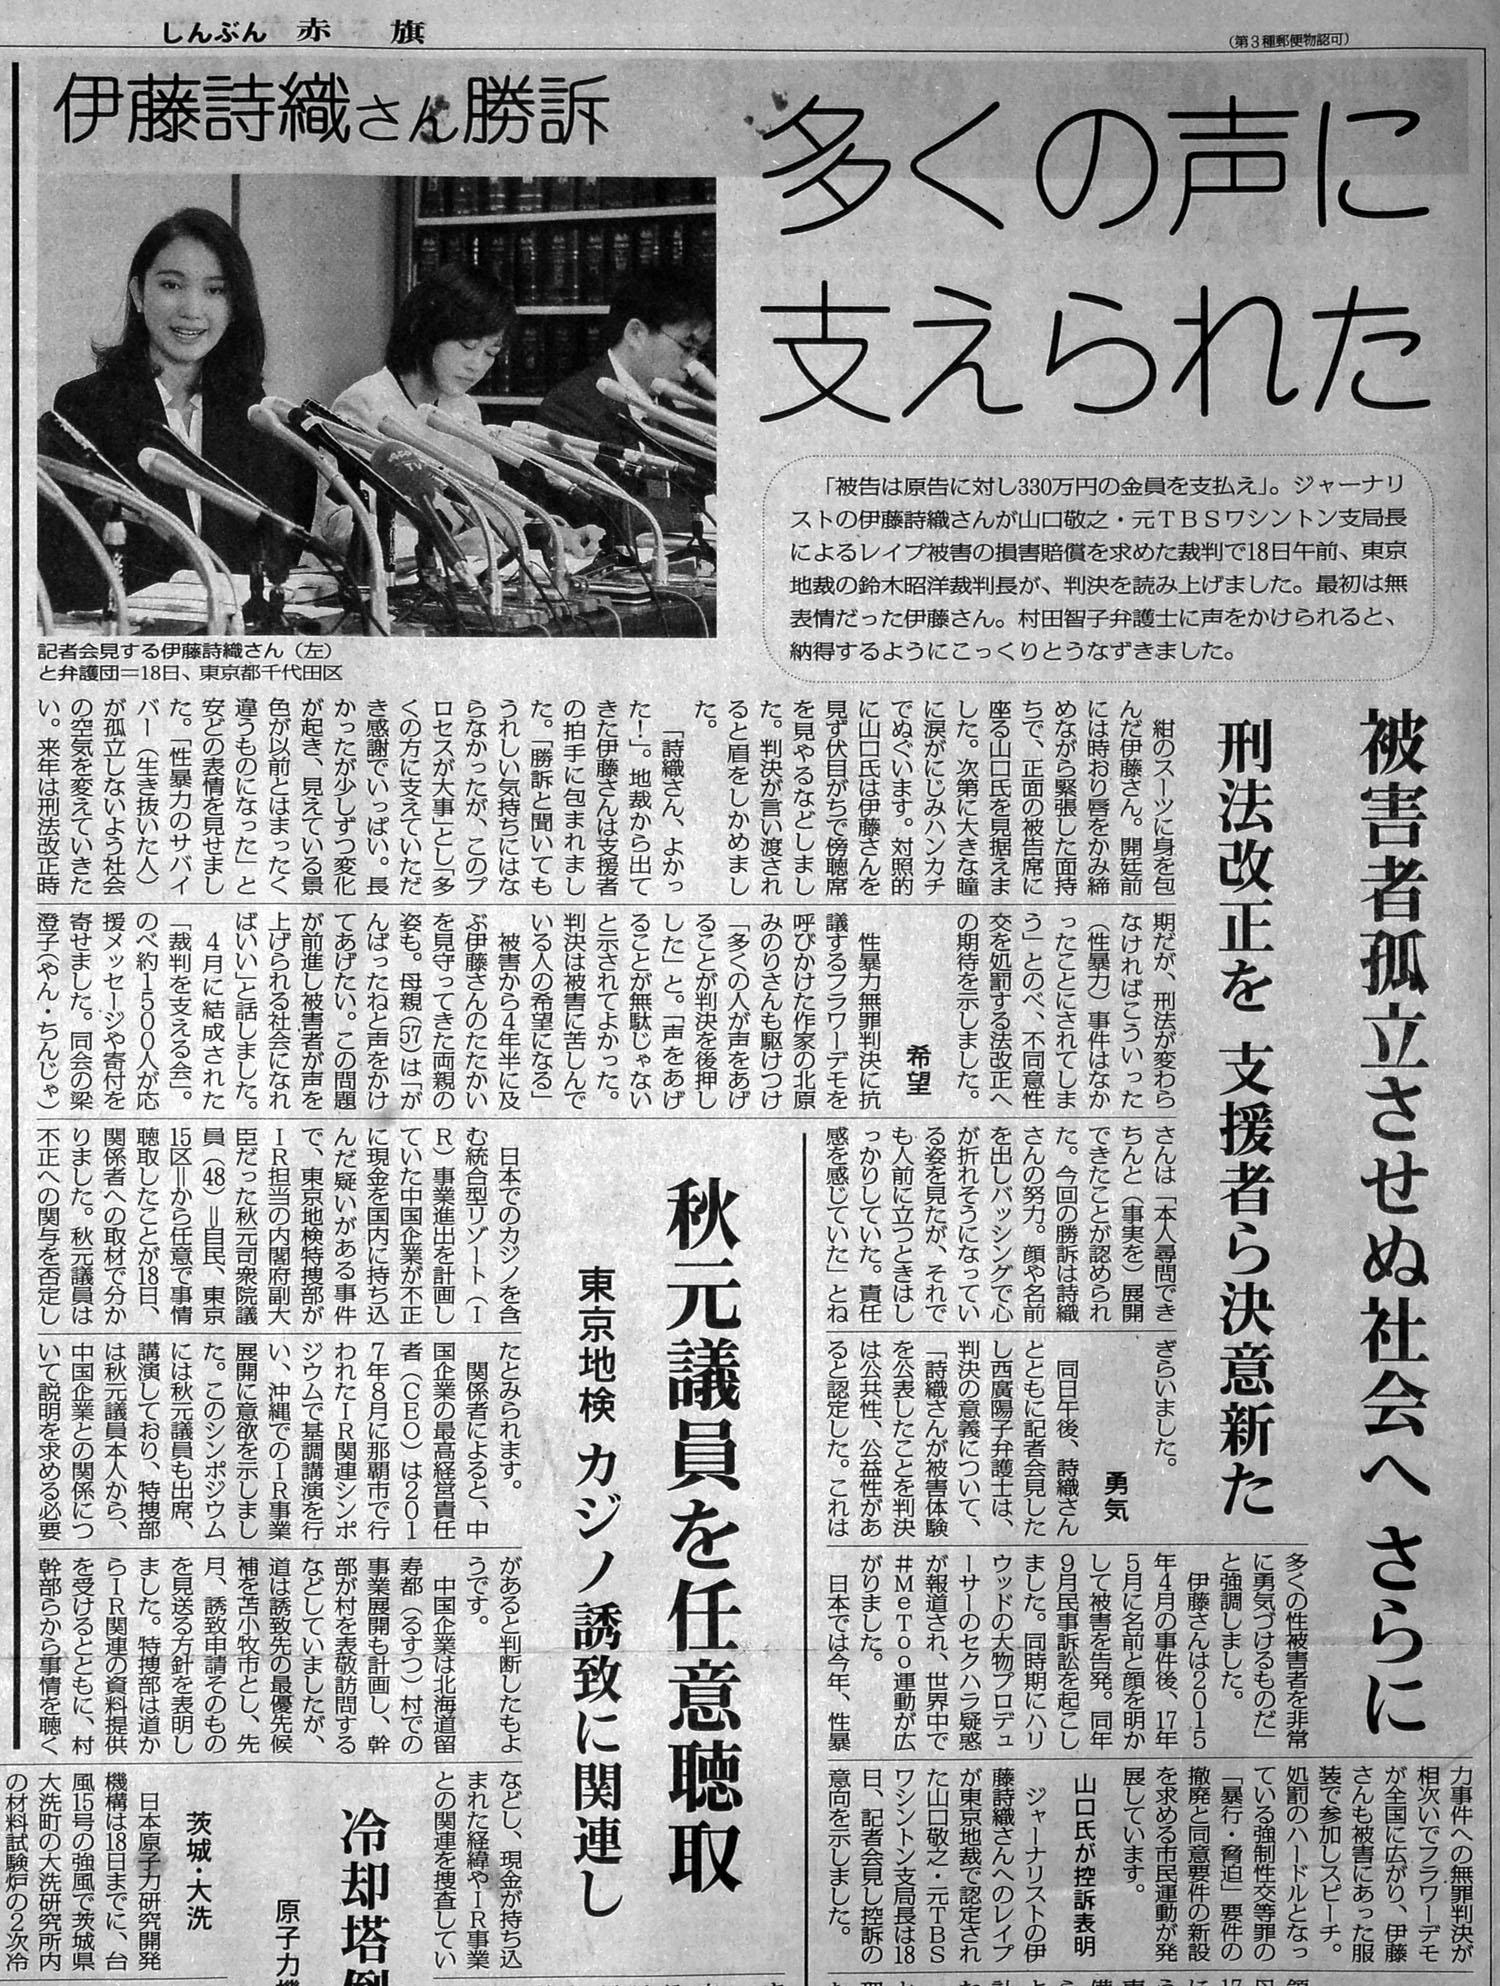 akahata191219shiori2.jpg